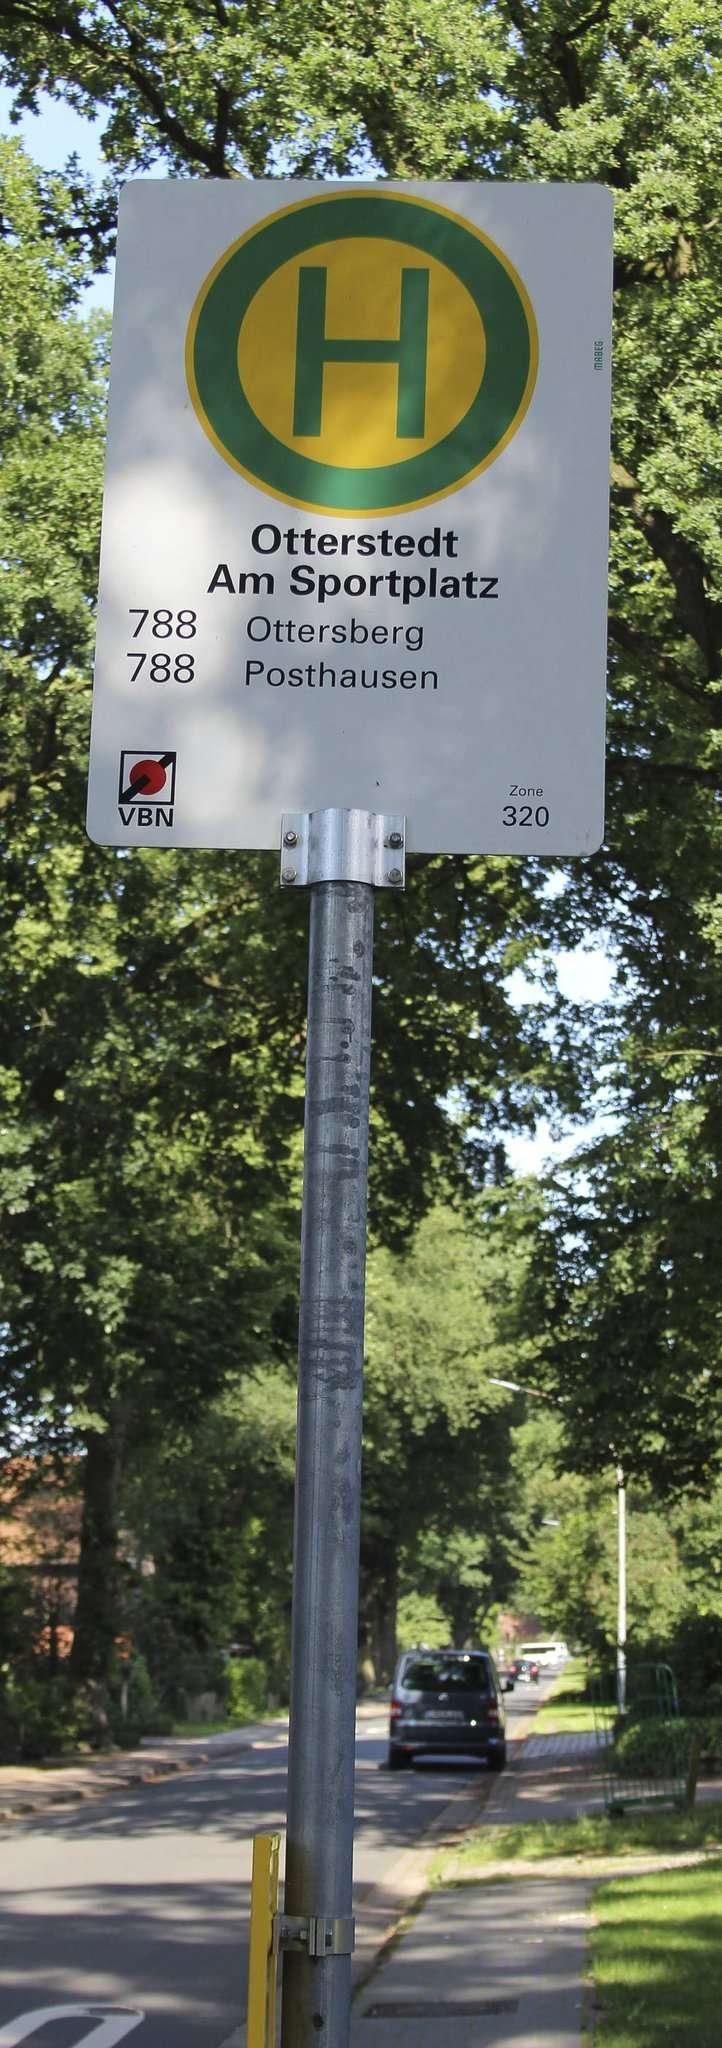 Neu ab 1. August: Der Bürgerbus hält auch in der Molkereistraße. Foto: Björn Blaak